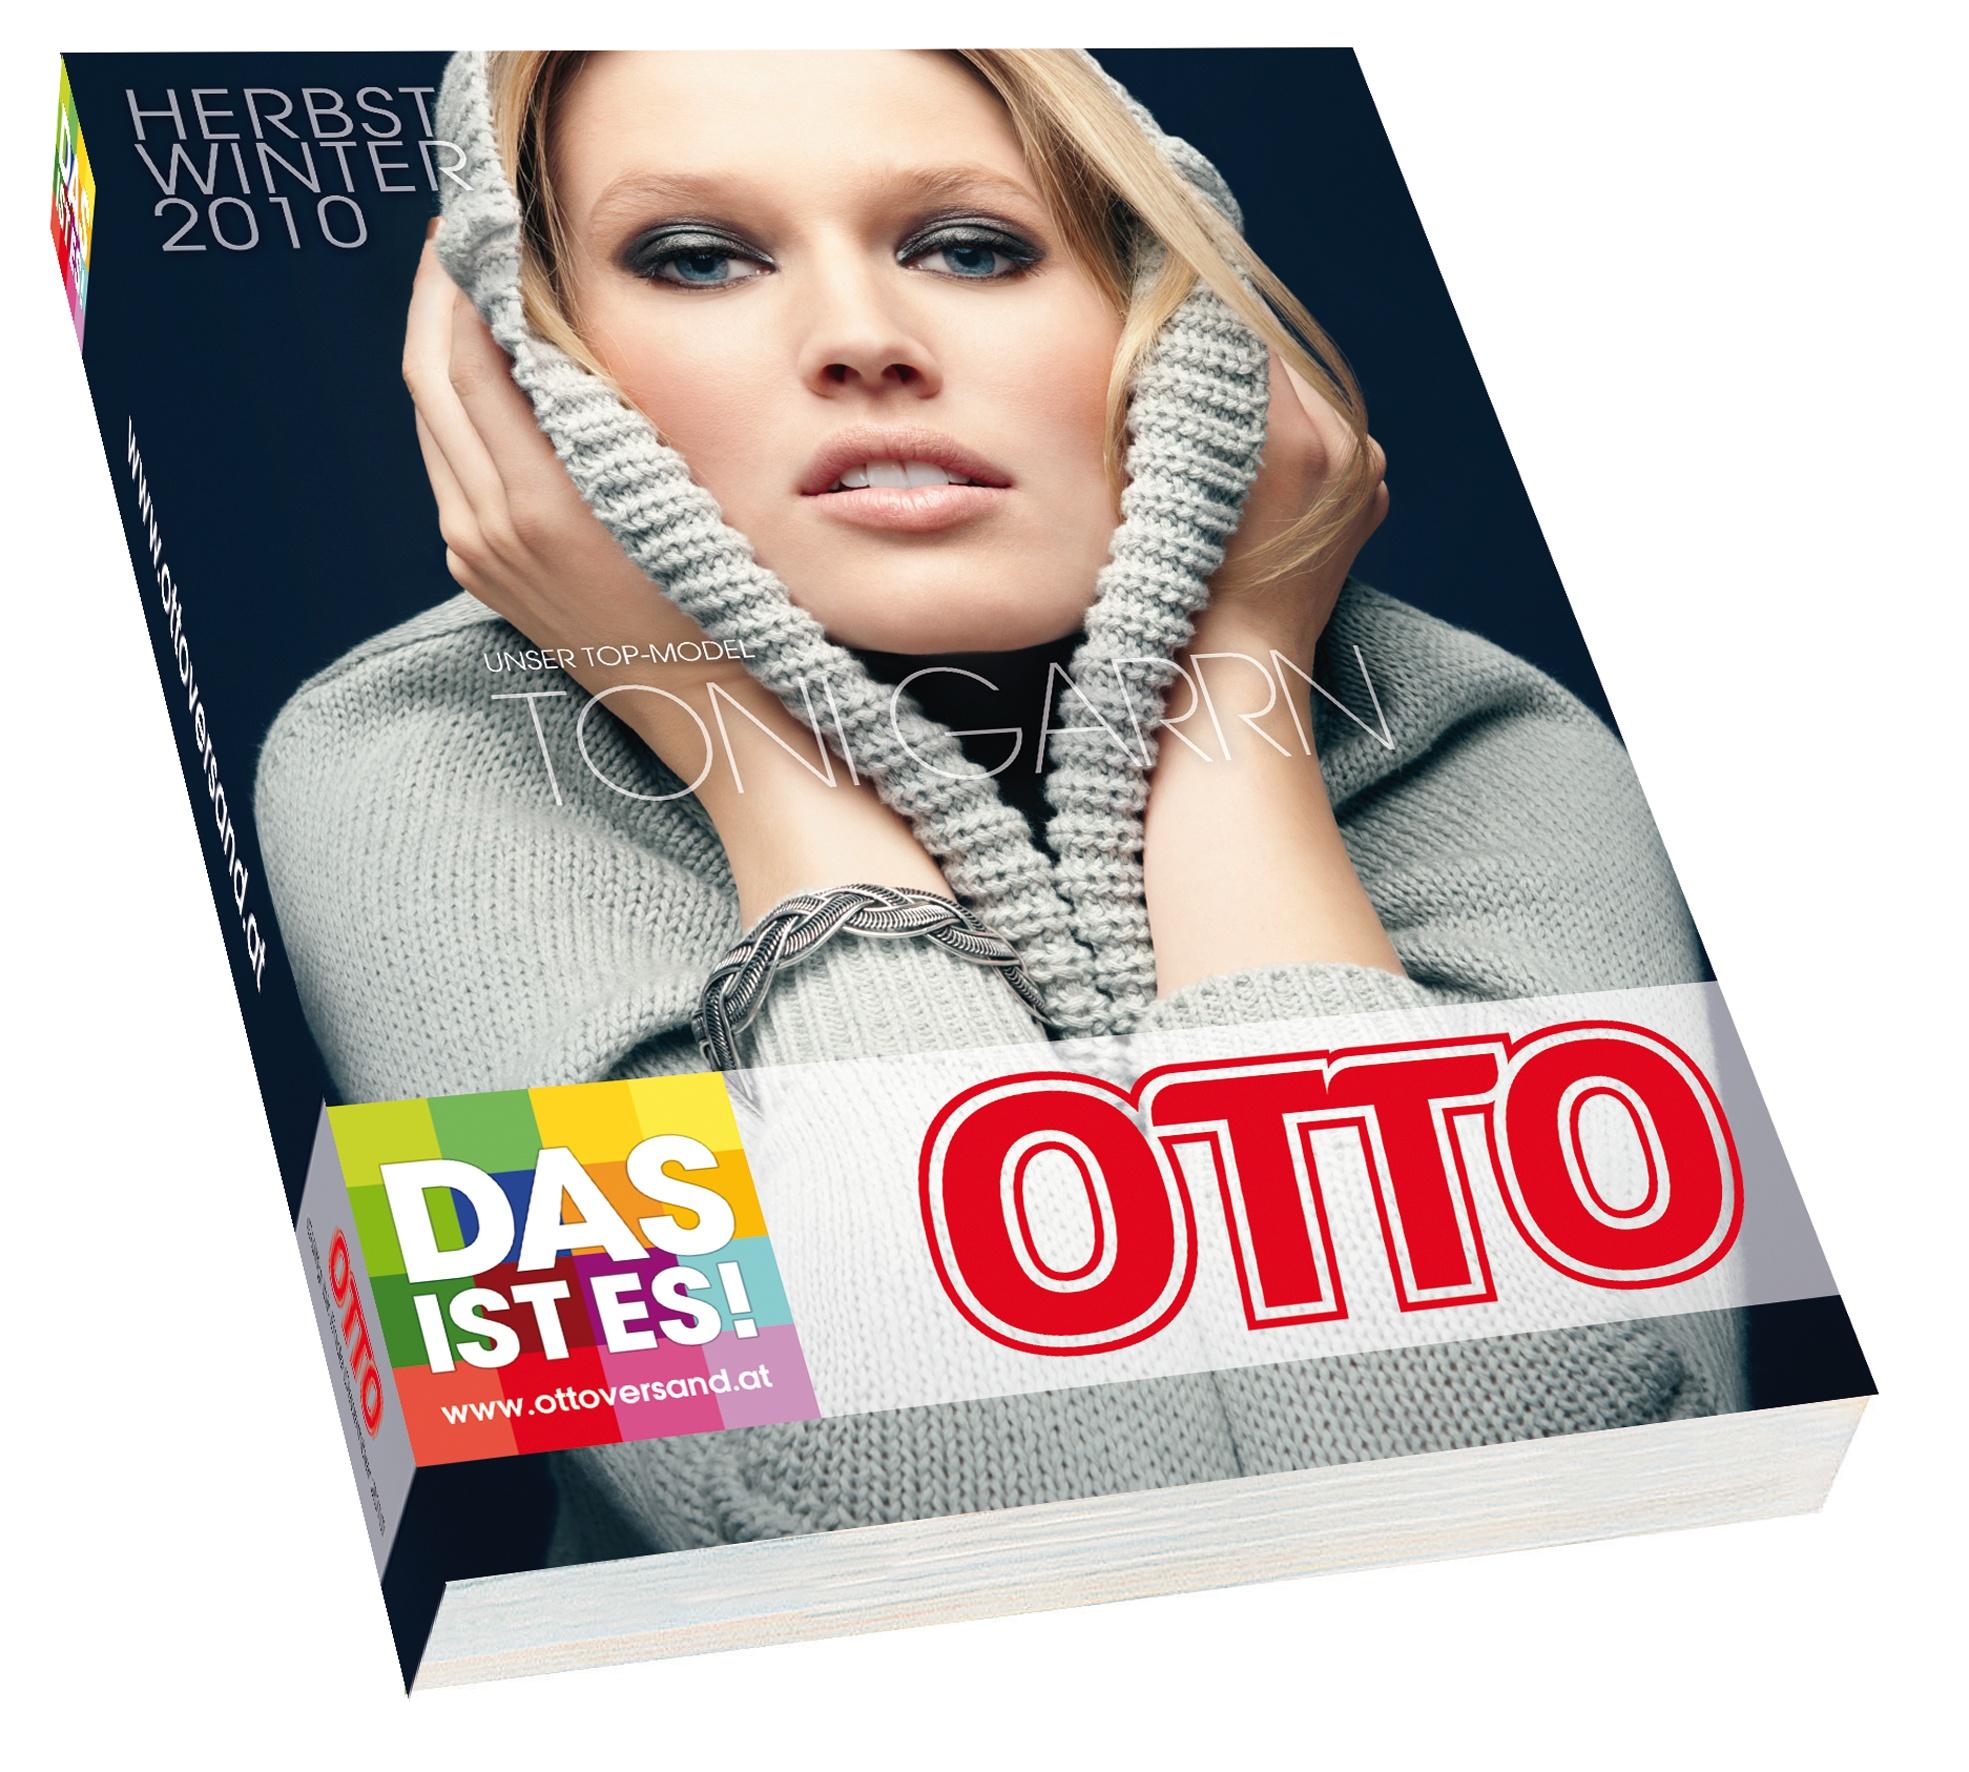 Posoda za zdravo kuhanje in kvalitetni pripomoki Otto katalog